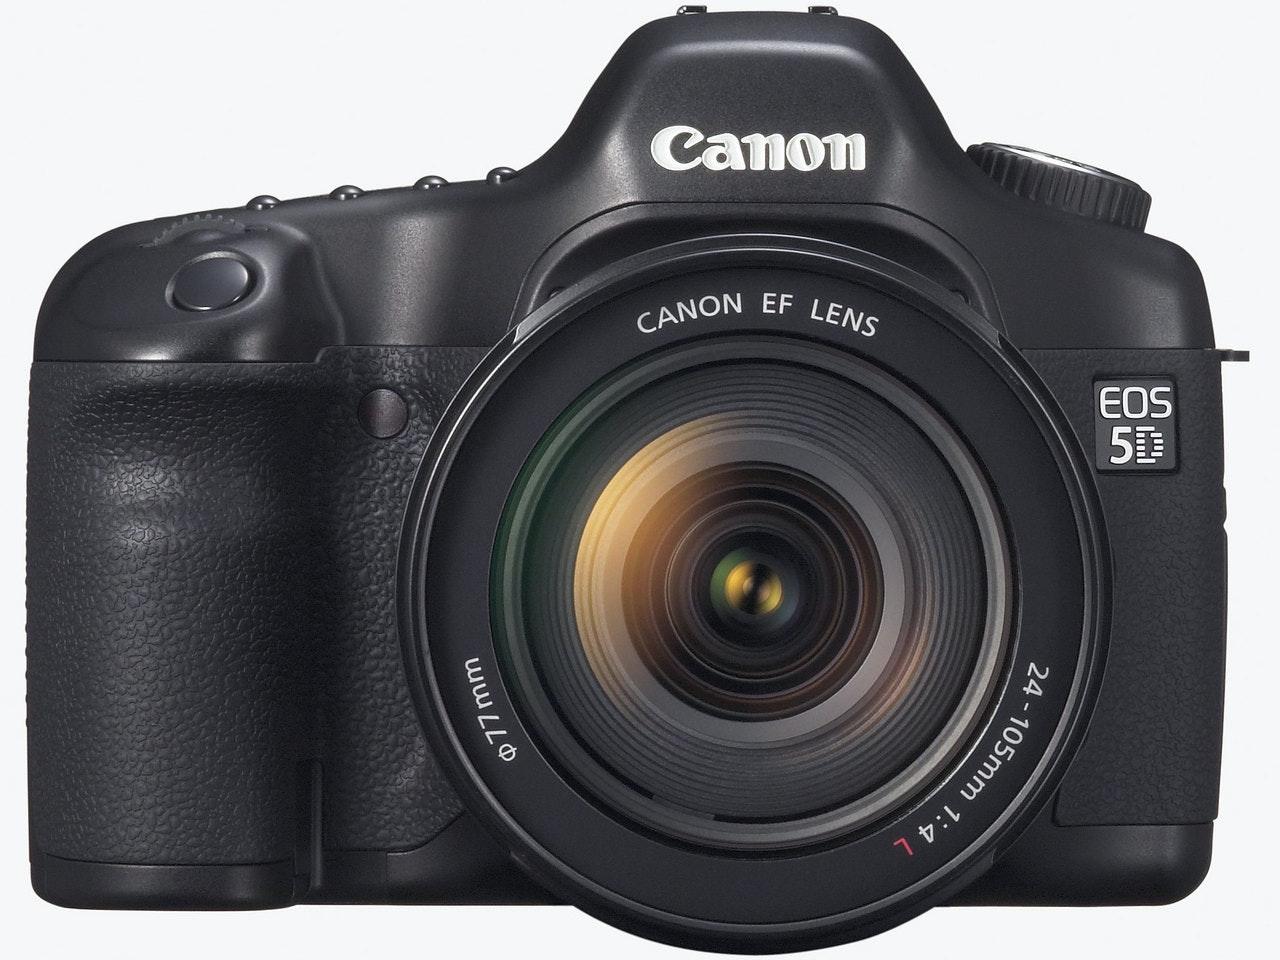 是促使 35mm 全片幅數位單眼普及的功臣 Canon EOS 5D 誕生十周年這篇文章的首圖